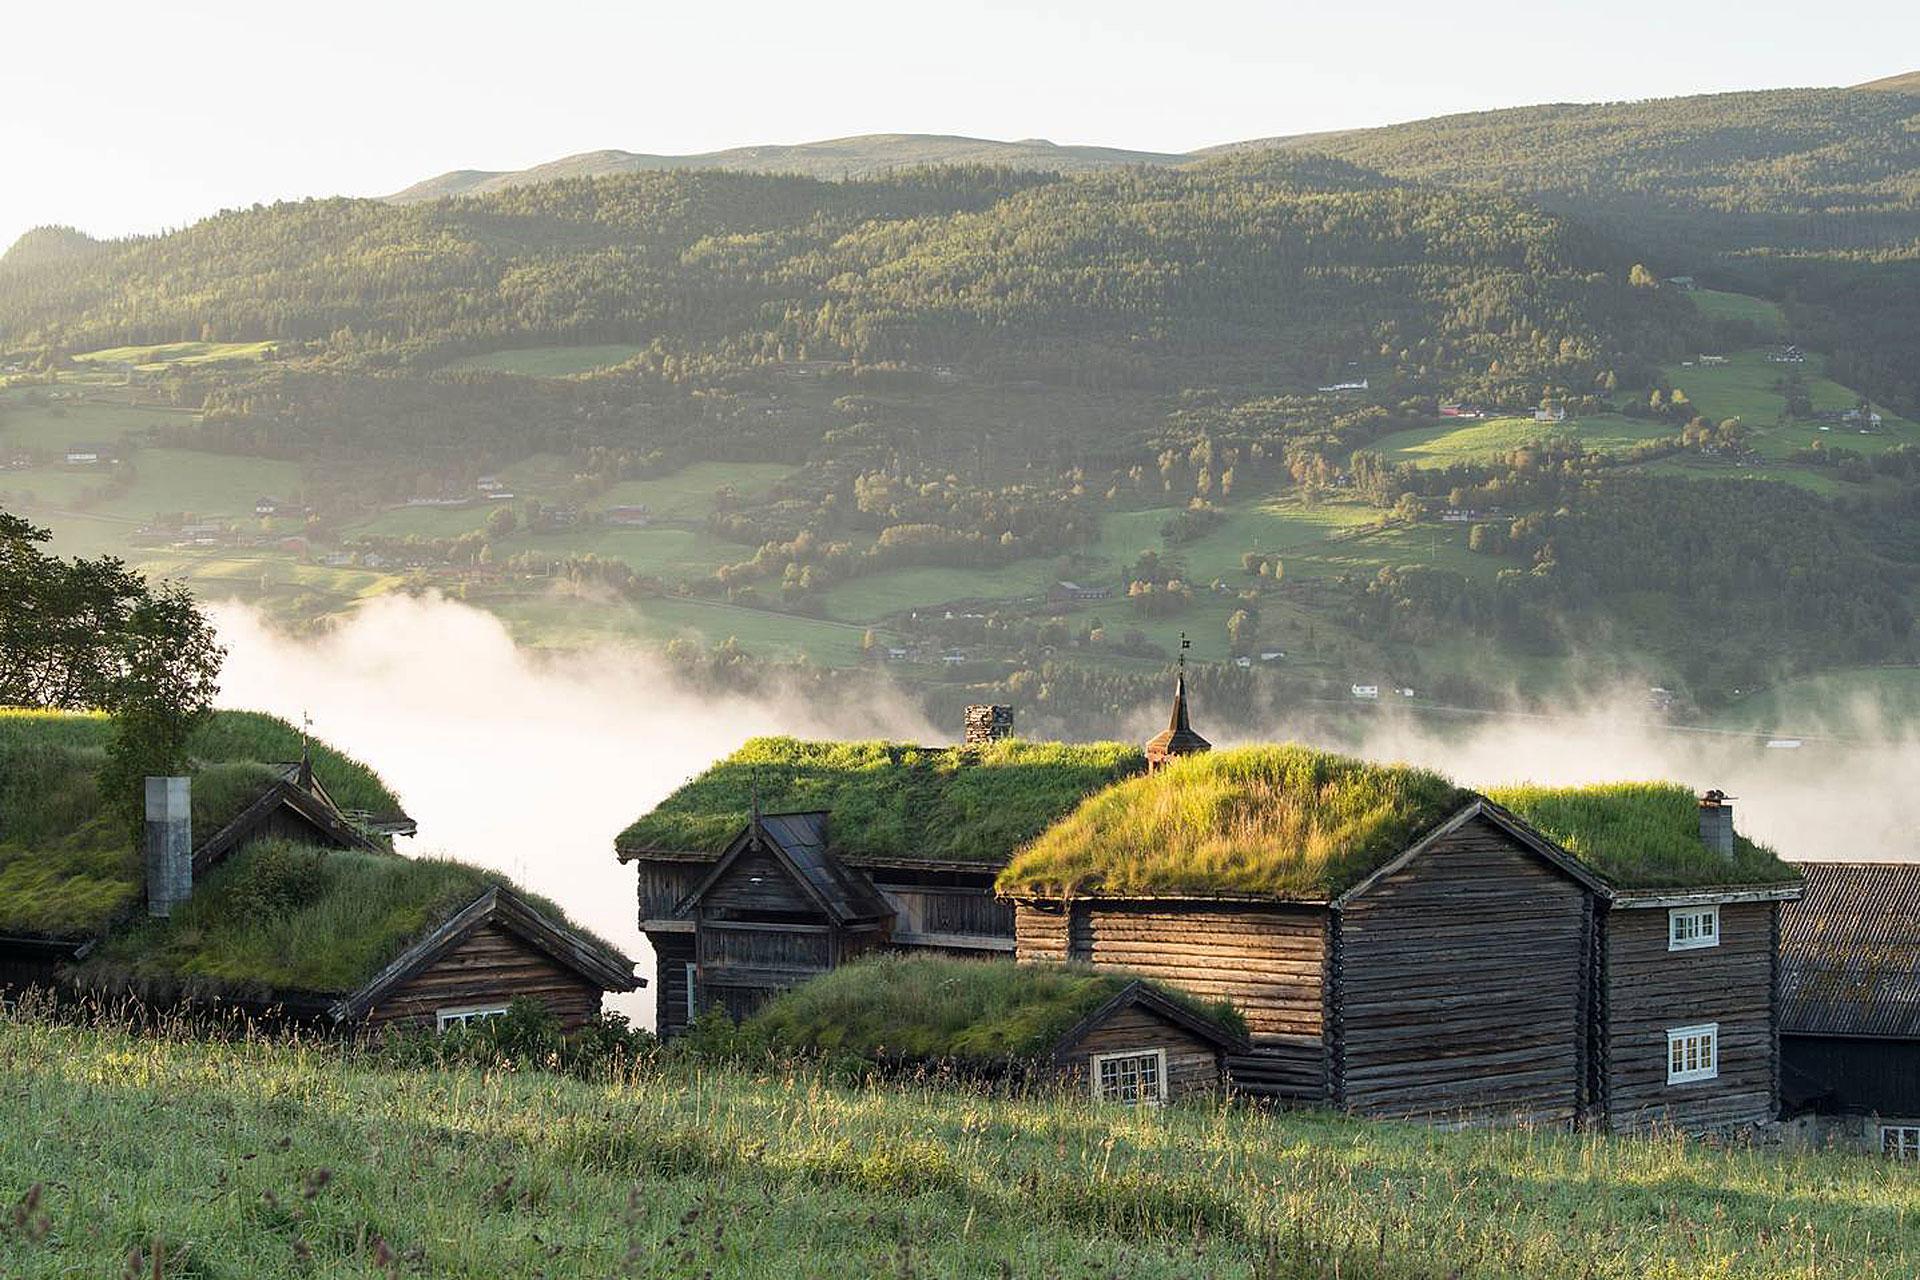 Nordigard Blessom Farm